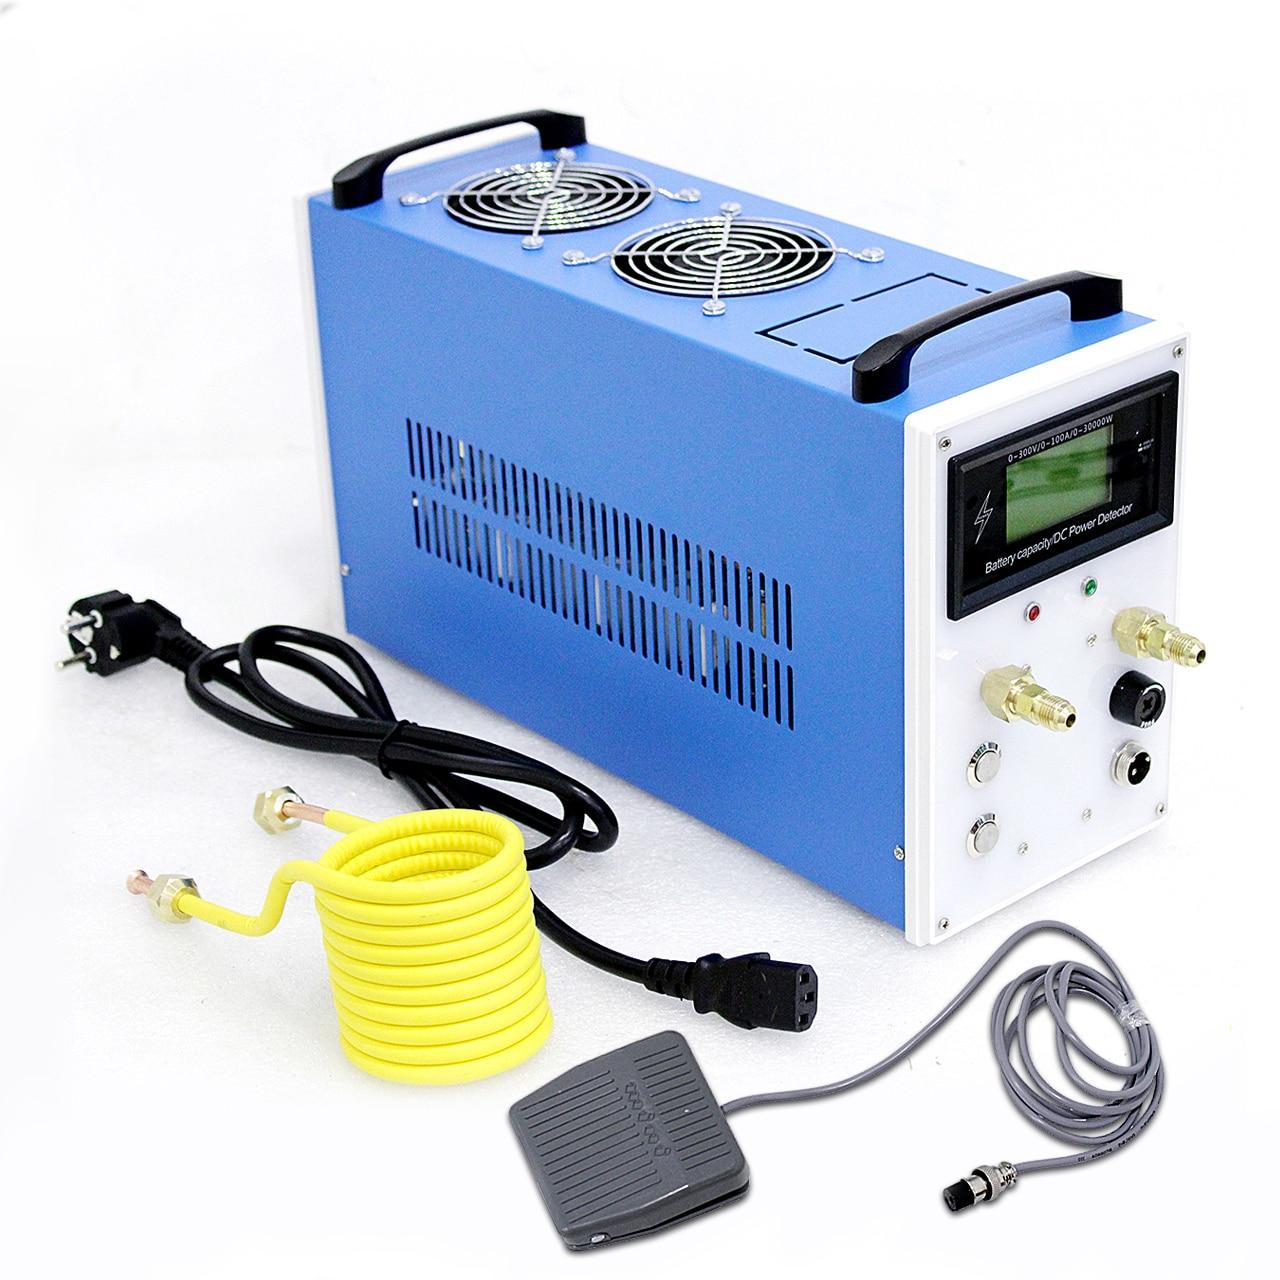 חדש 2800W ZVS אינדוקציה דוד אינדוקציה חימום מכונה מתכת להתכת תנור מתכת מרווה ציוד + כור היתוך + חימום סליל